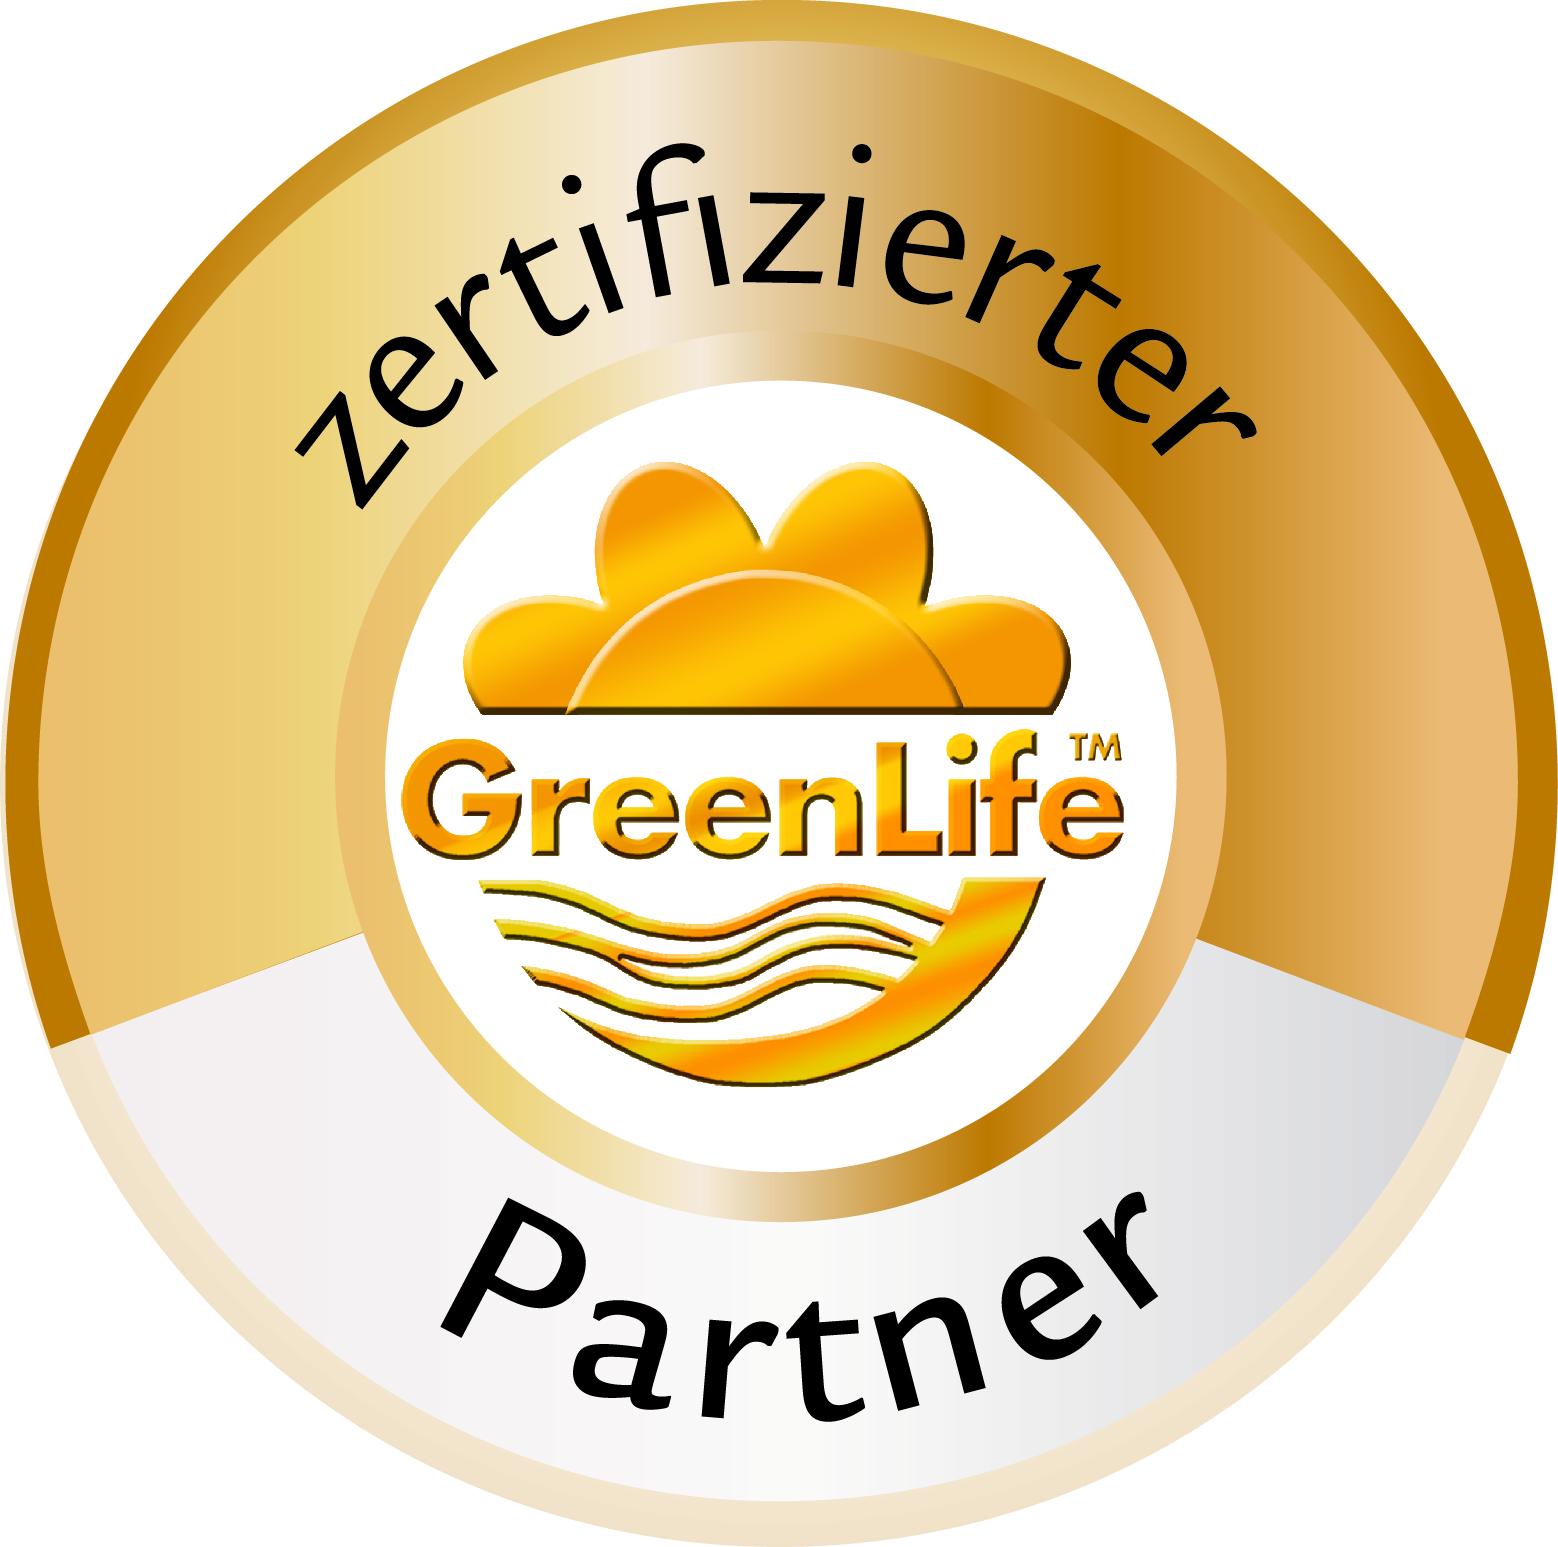 zertifizierter-Partner5419a49f01acf